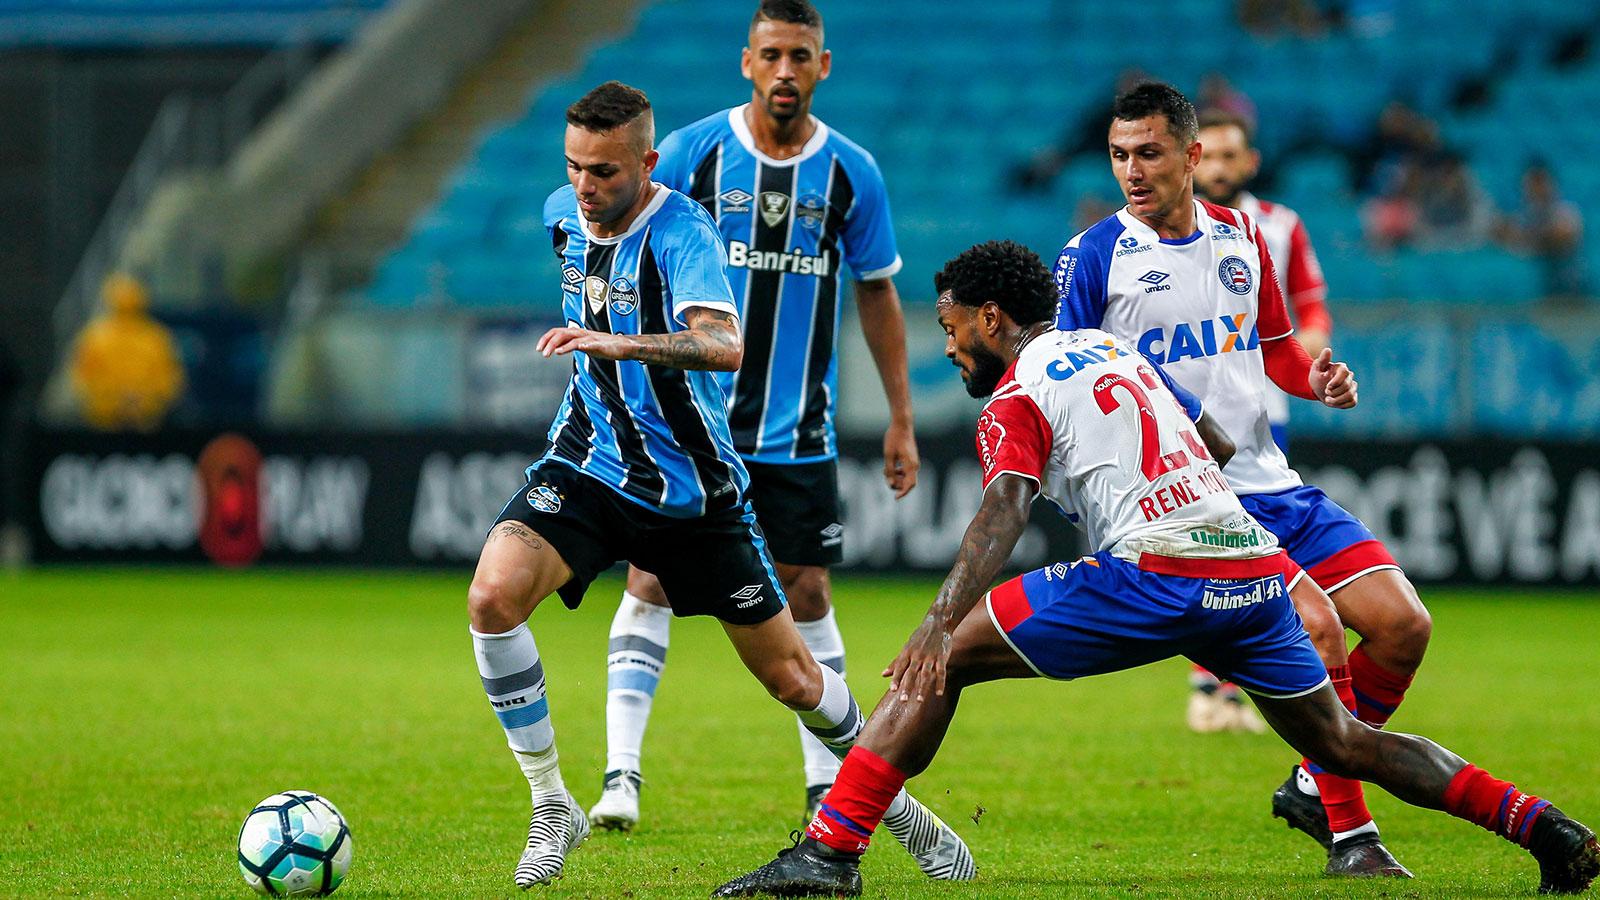 Nhận định Bahia vs Gremio, 02h00 ngày 04/6